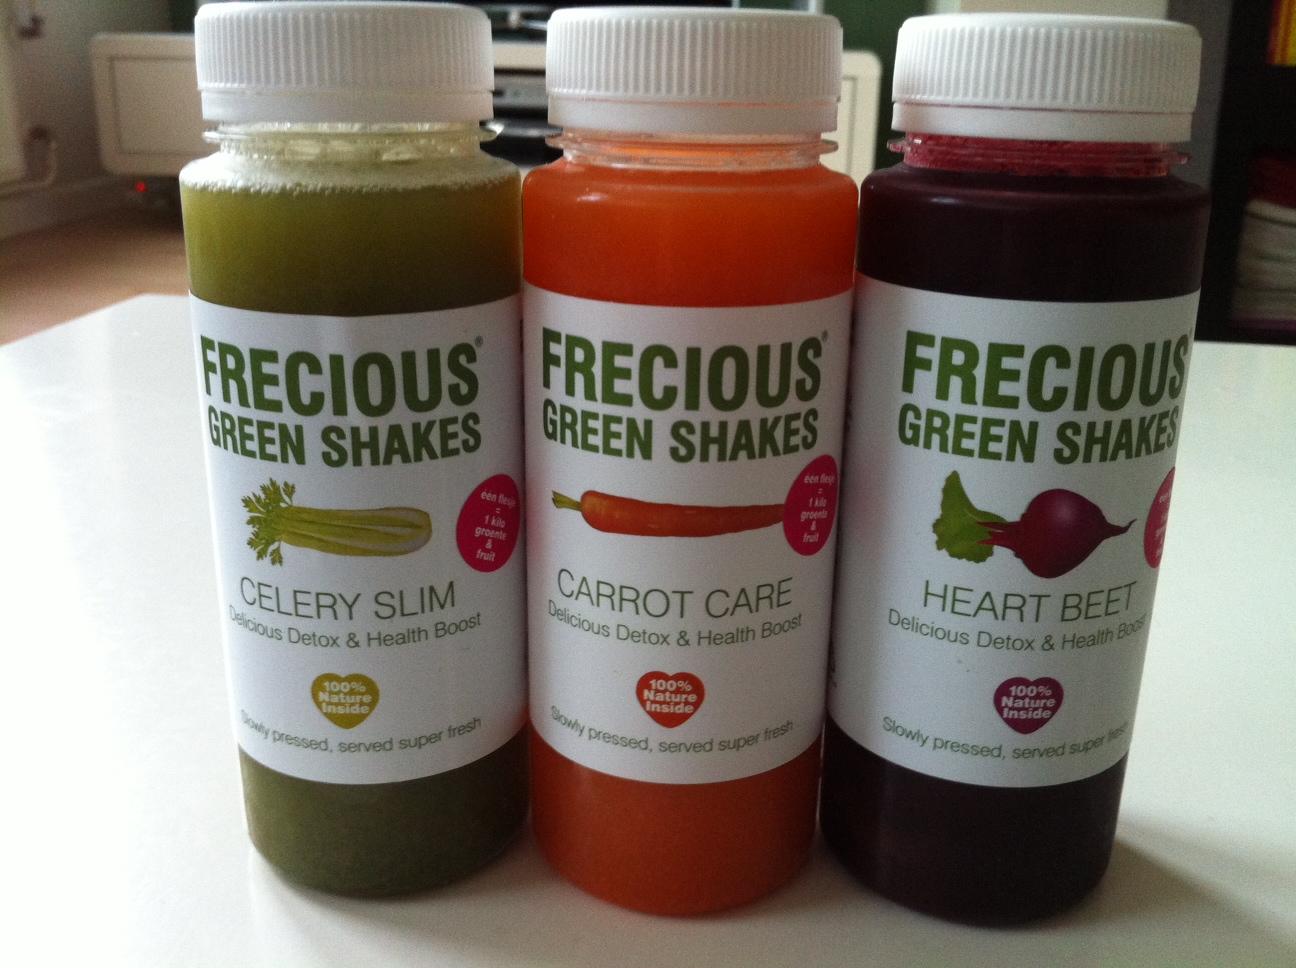 Frecious Green Shakes test